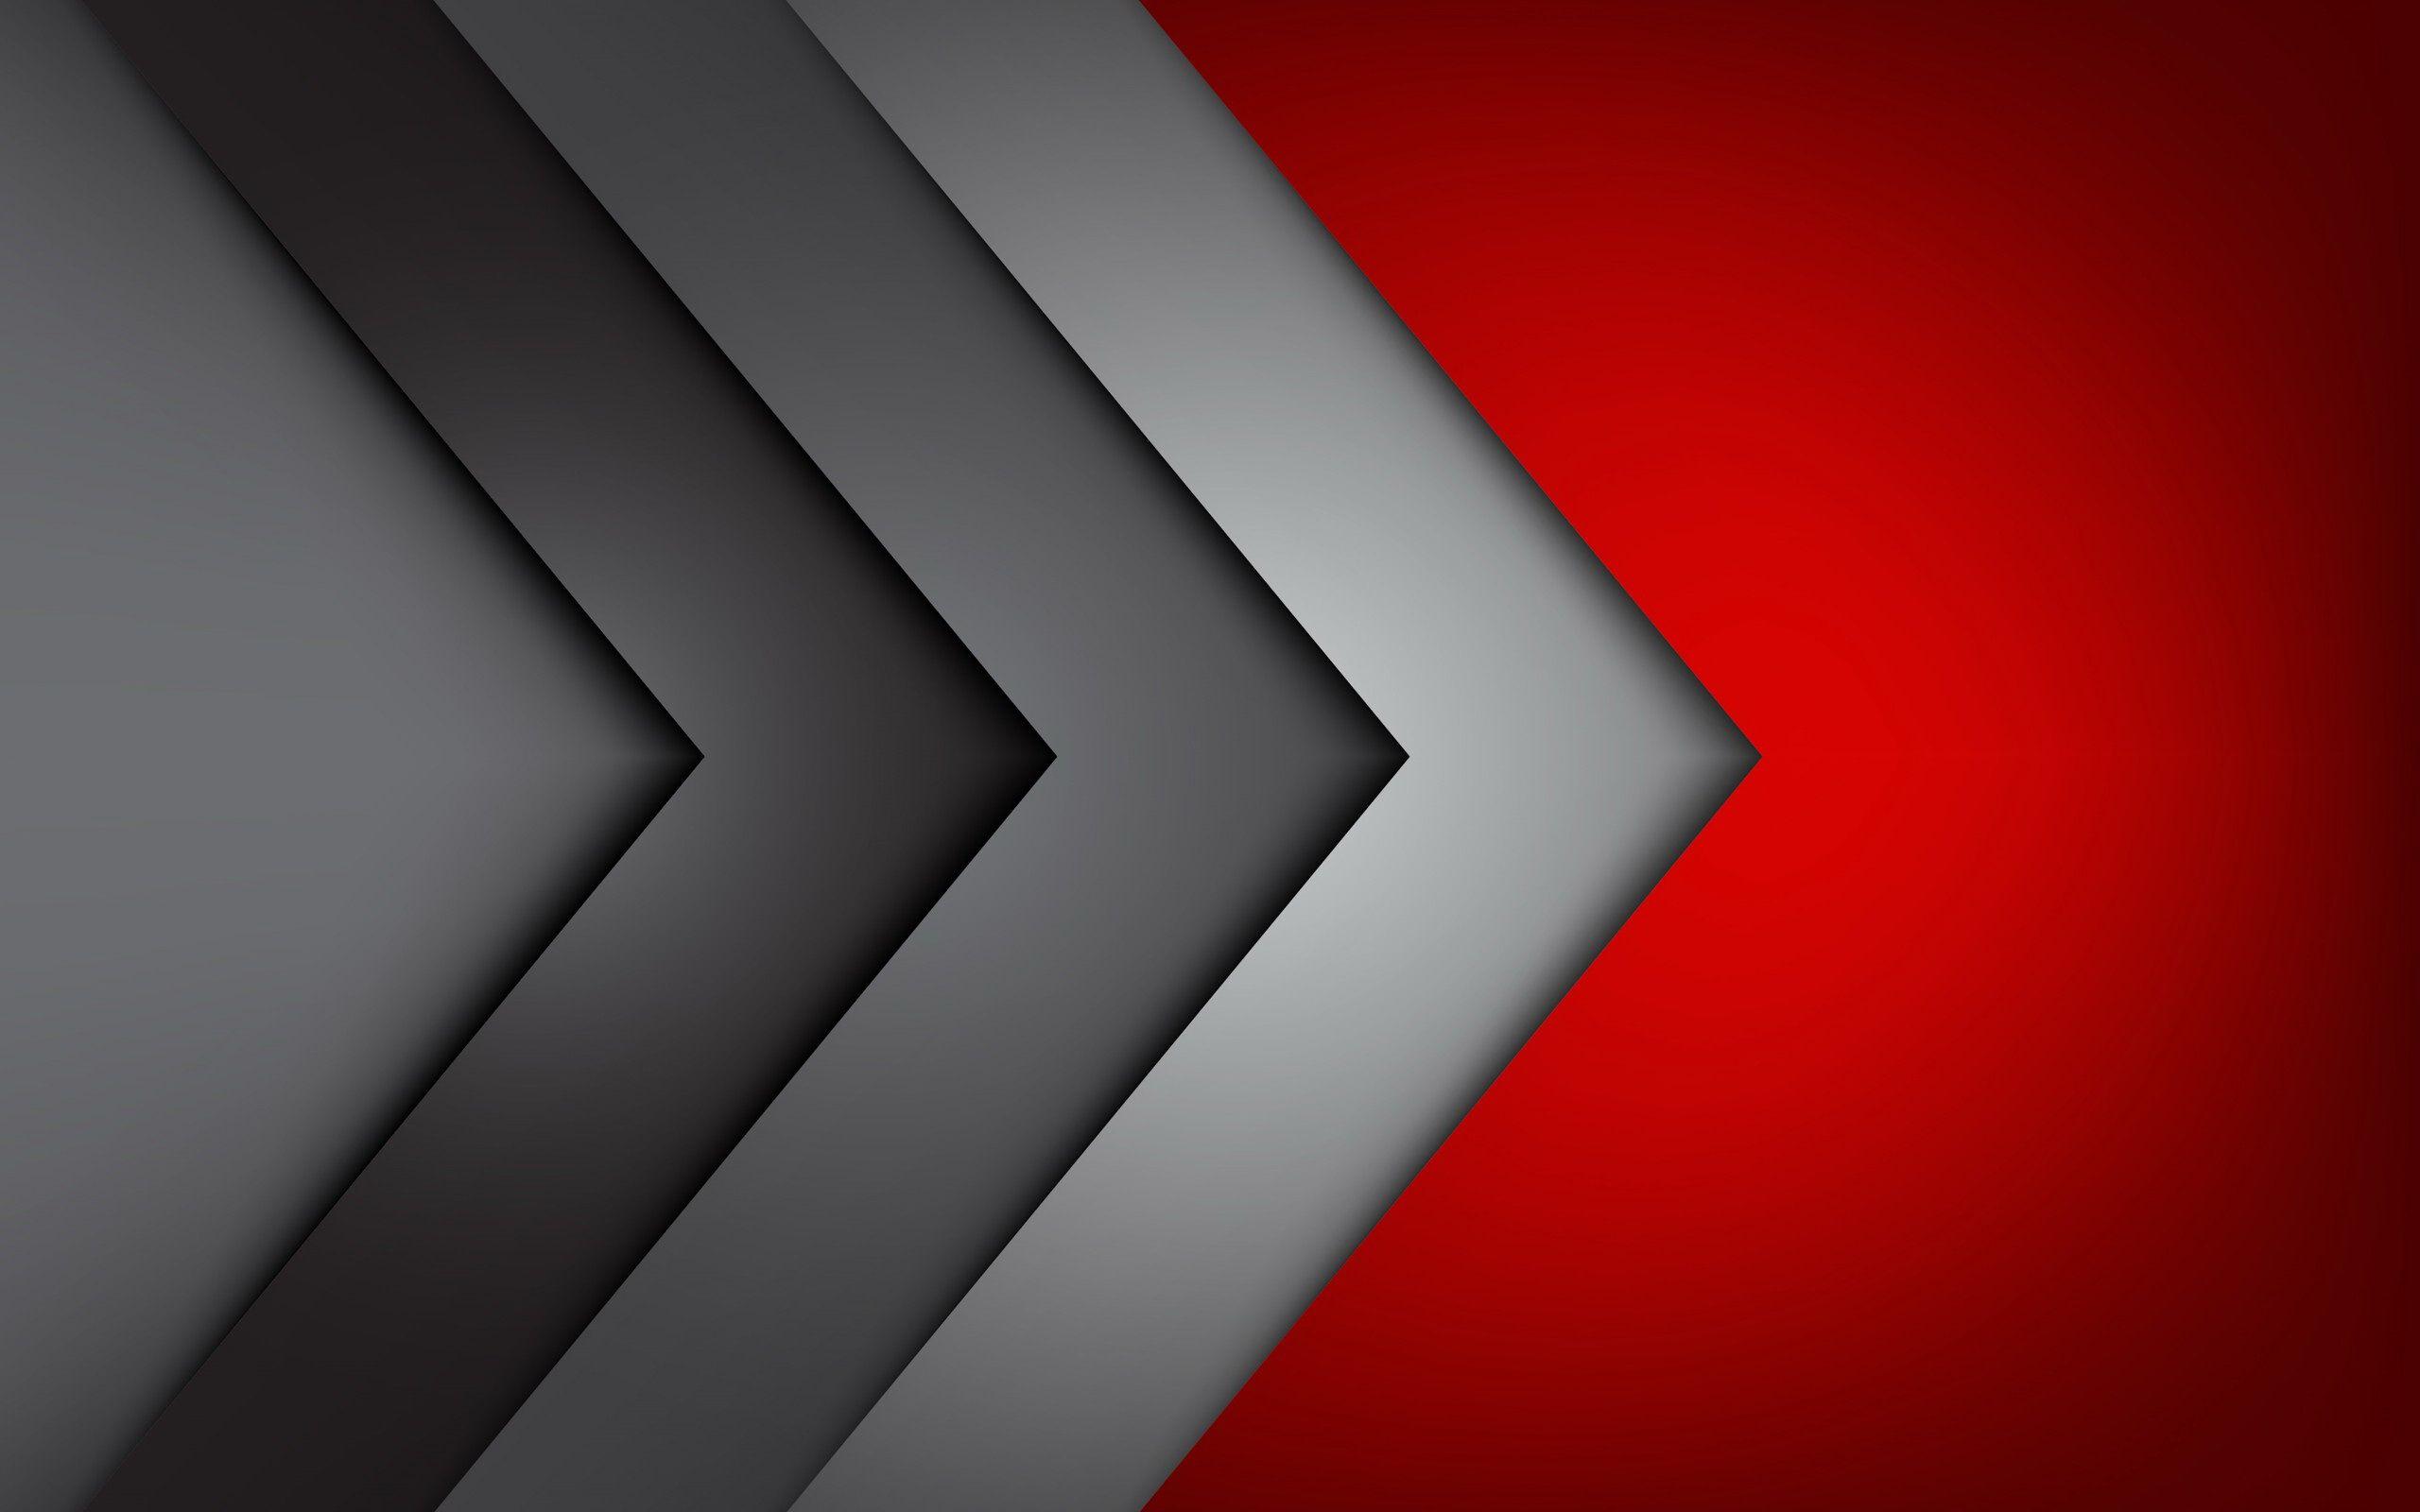 Red Black Grey Wallpaper Wallpapersafari Black And Grey Wallpaper Grey Wallpaper Red Wallpaper